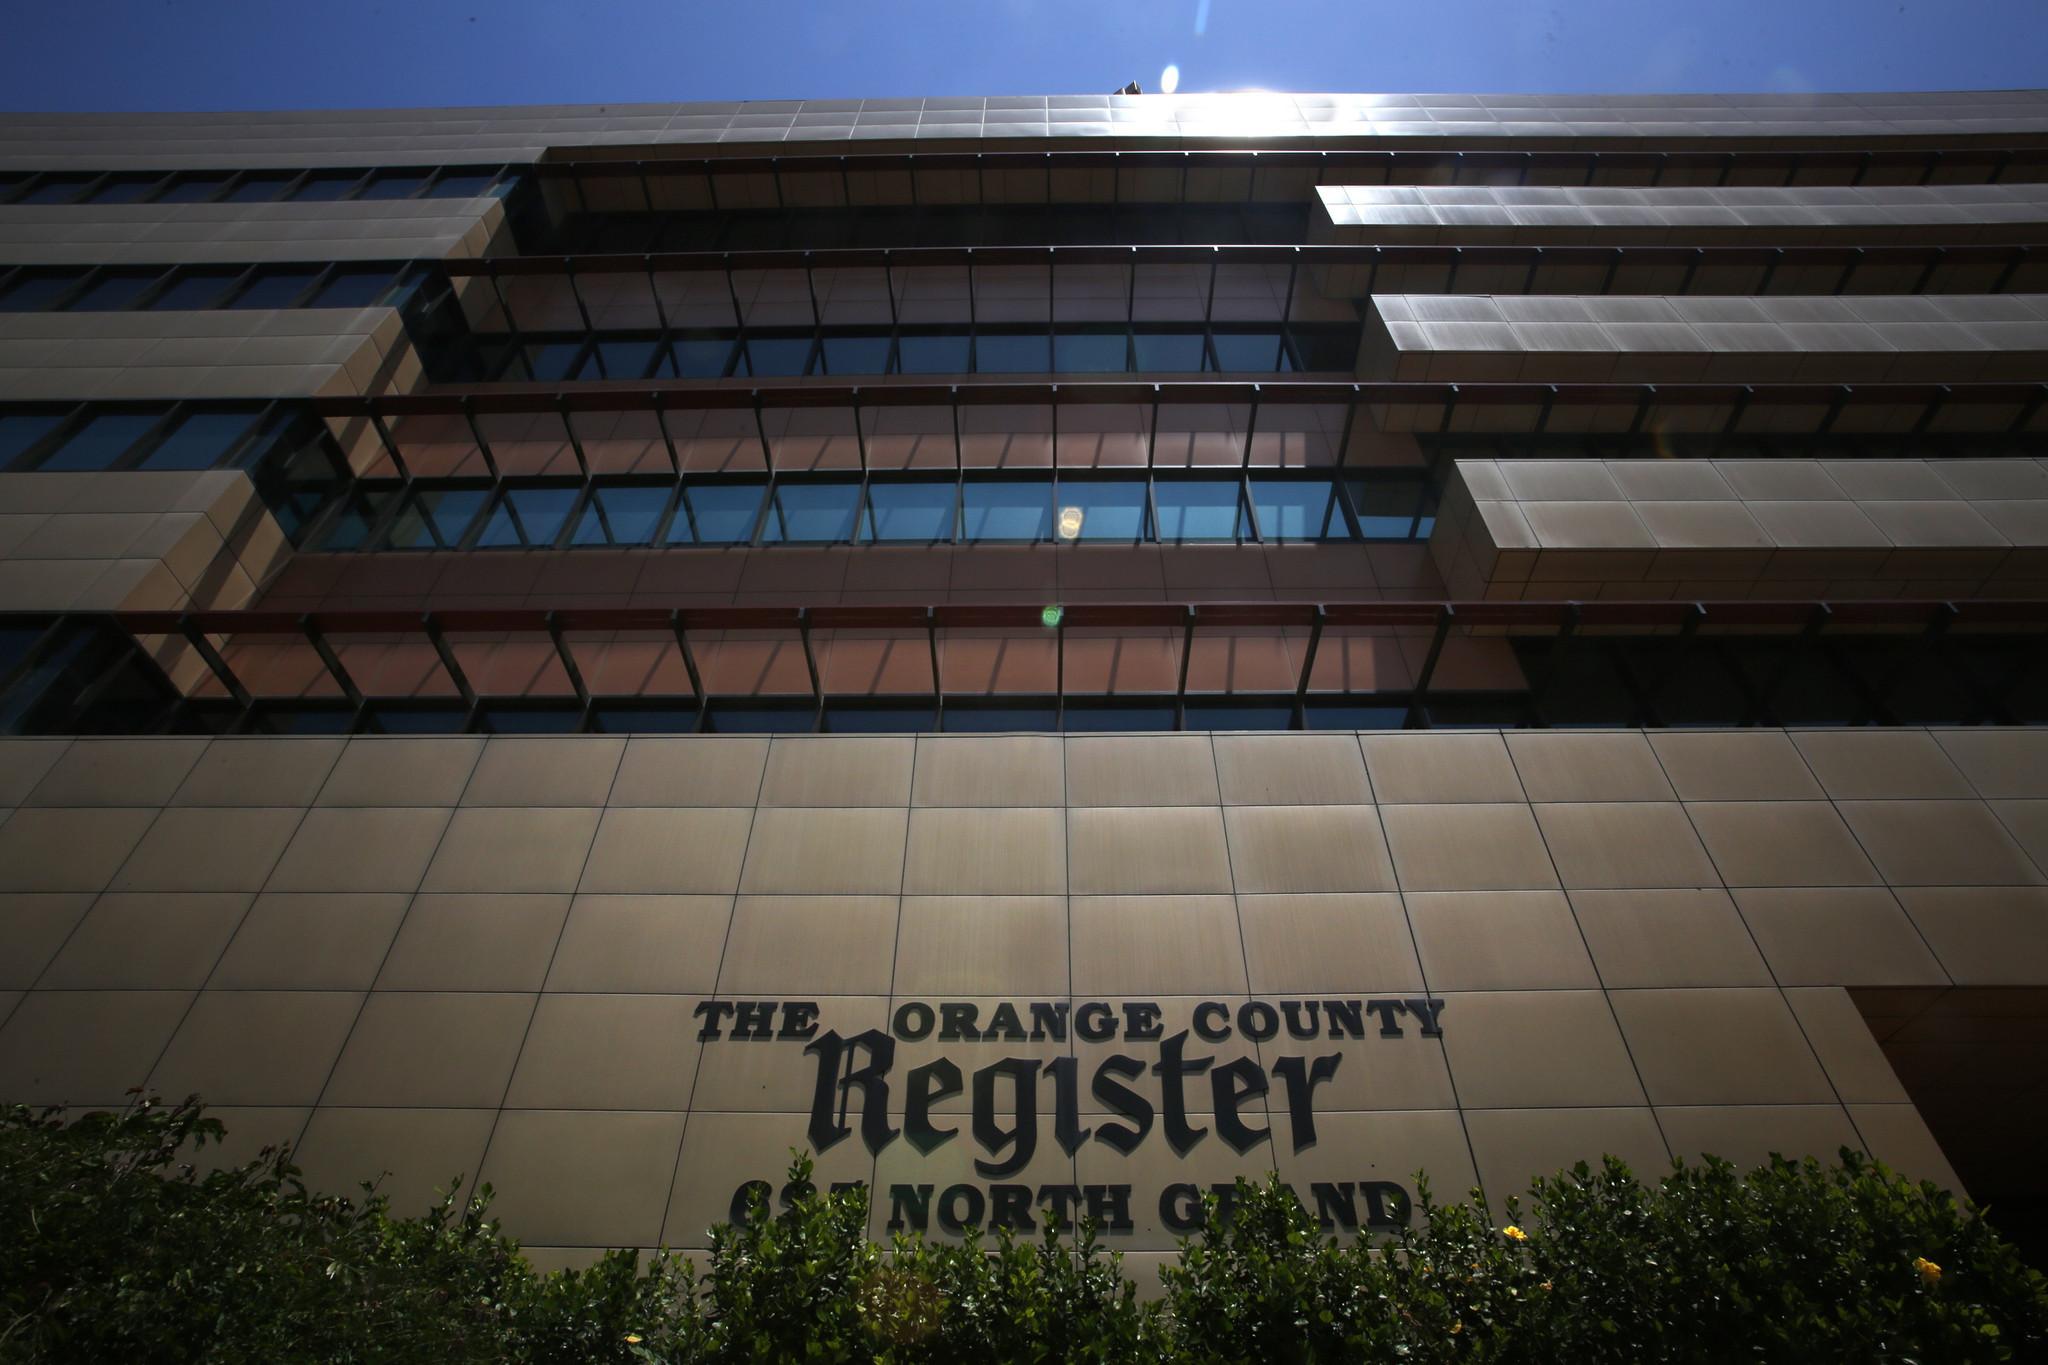 Orange County Register owner files for bankruptcy - LA Times